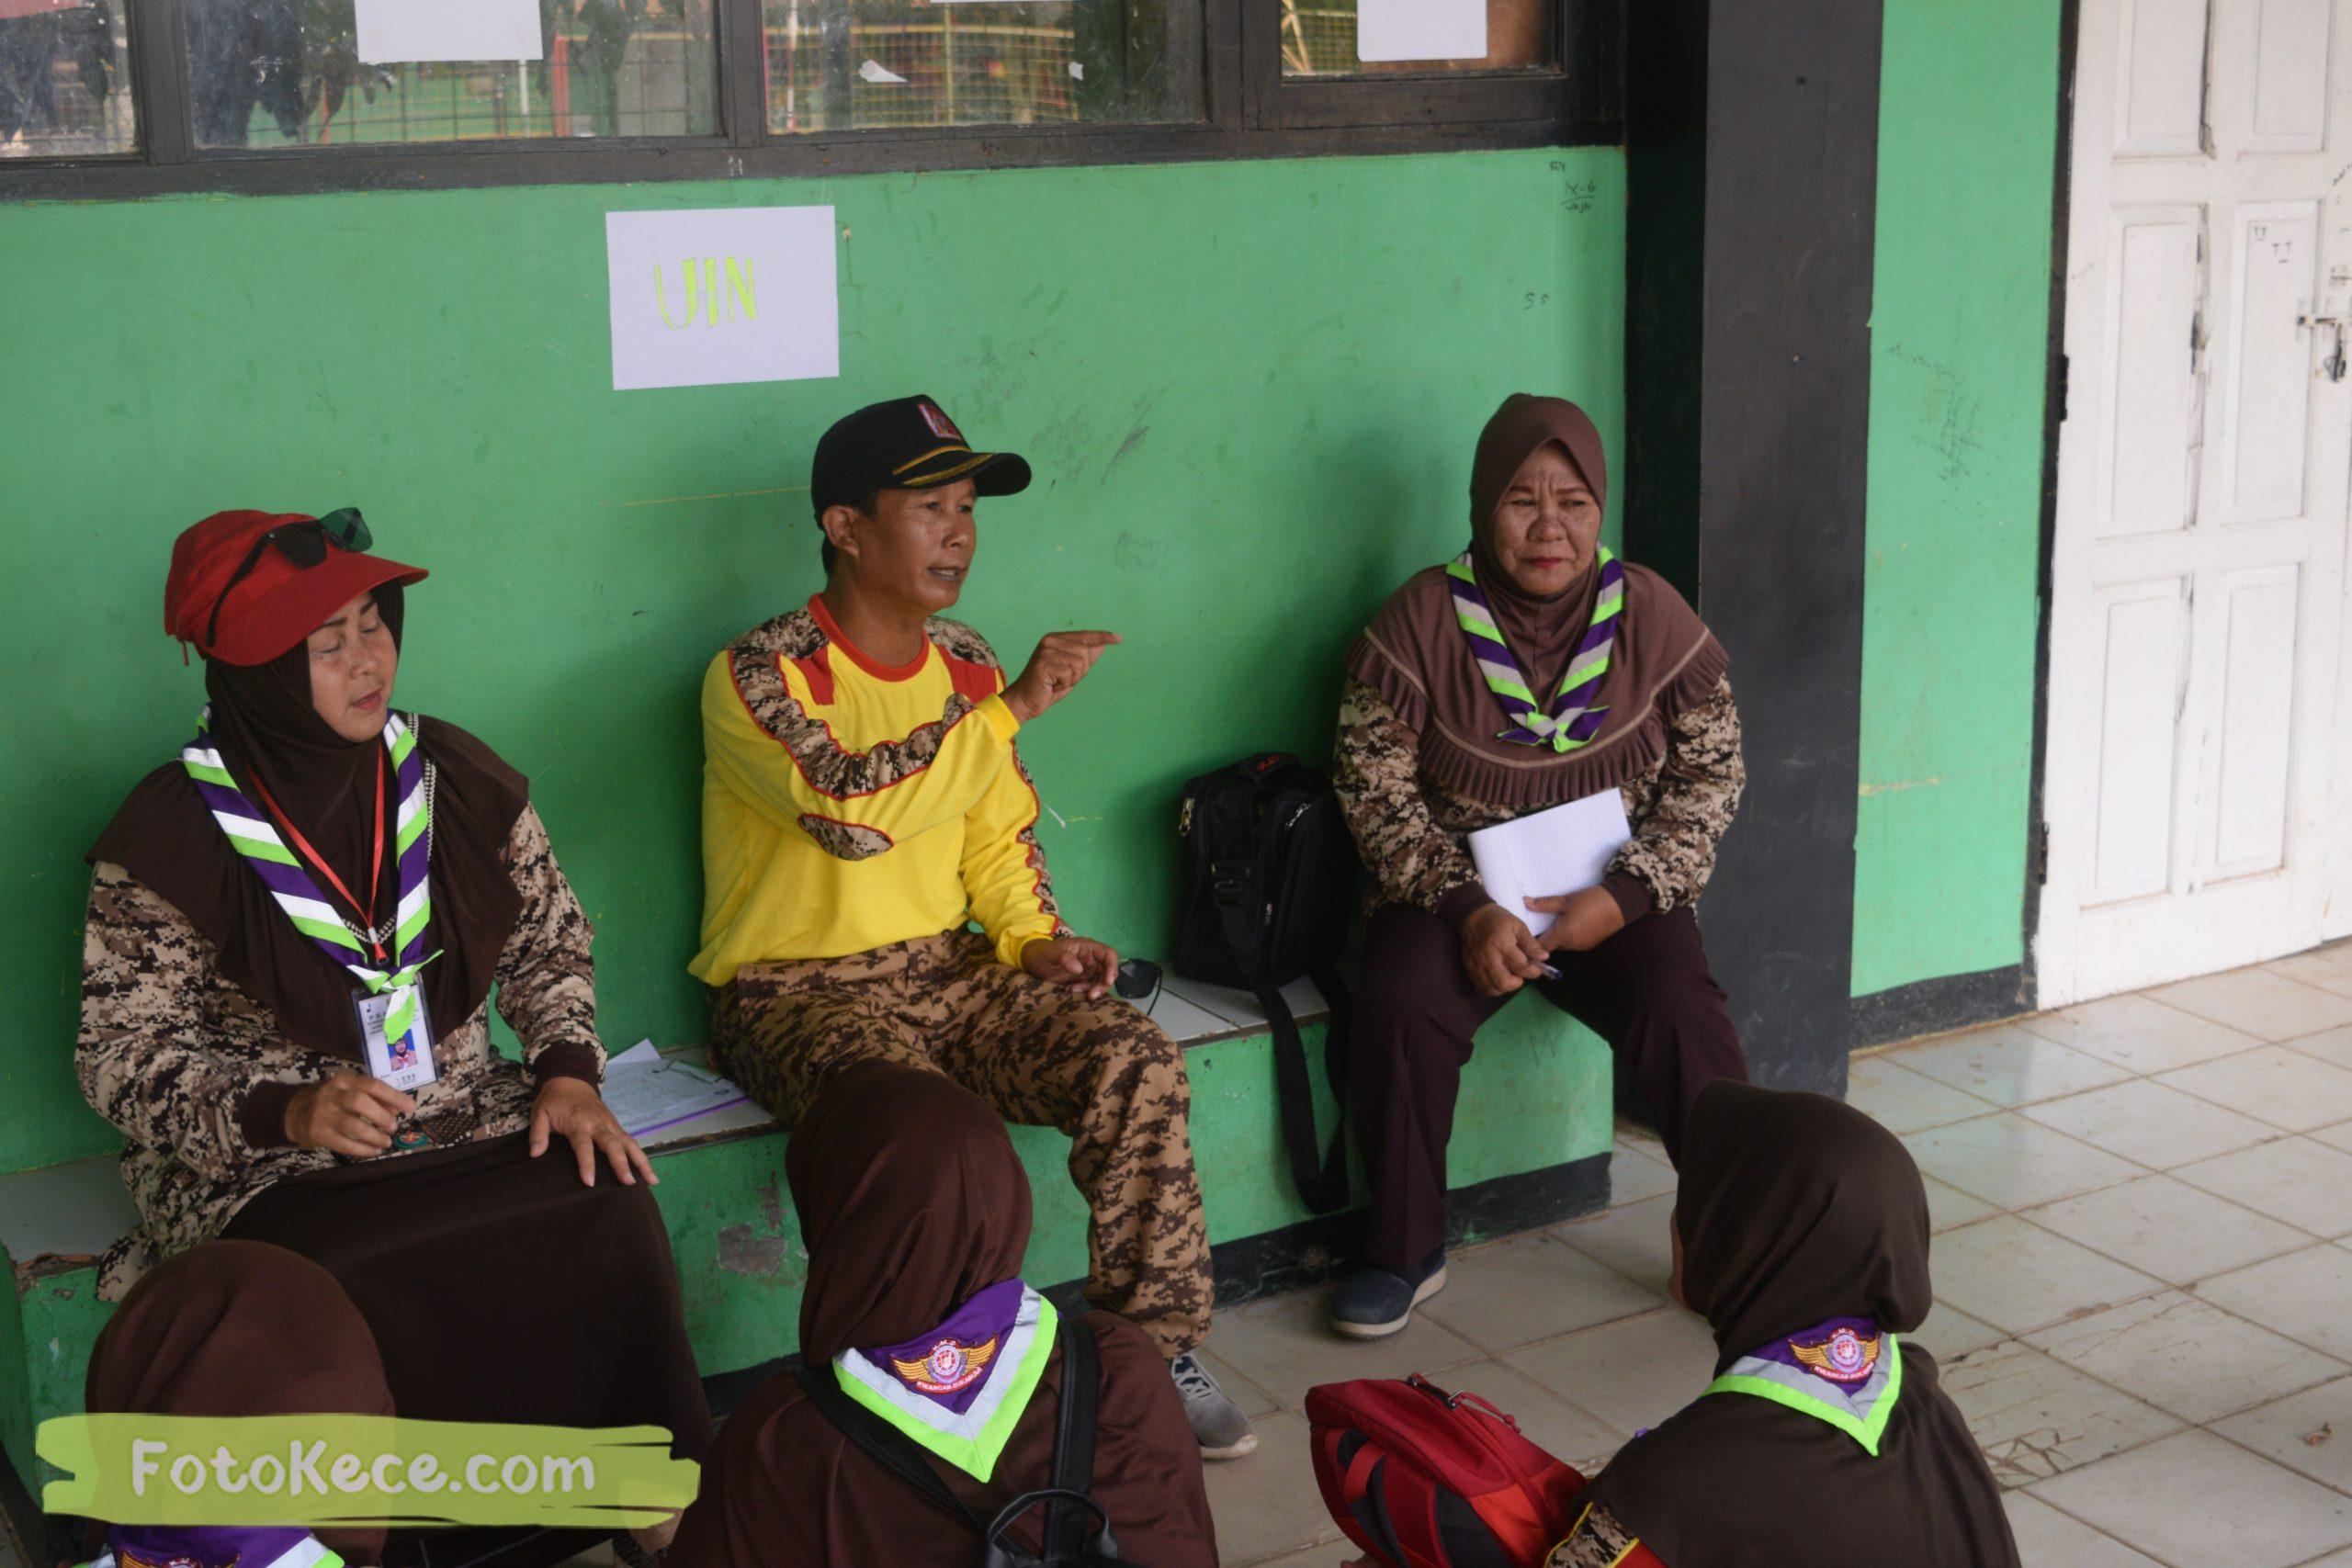 kehebohan pada kursus pembina mahir tingkat dasar kmd kwartir ranting surade 2019 fotokece Des 2019 131 scaled